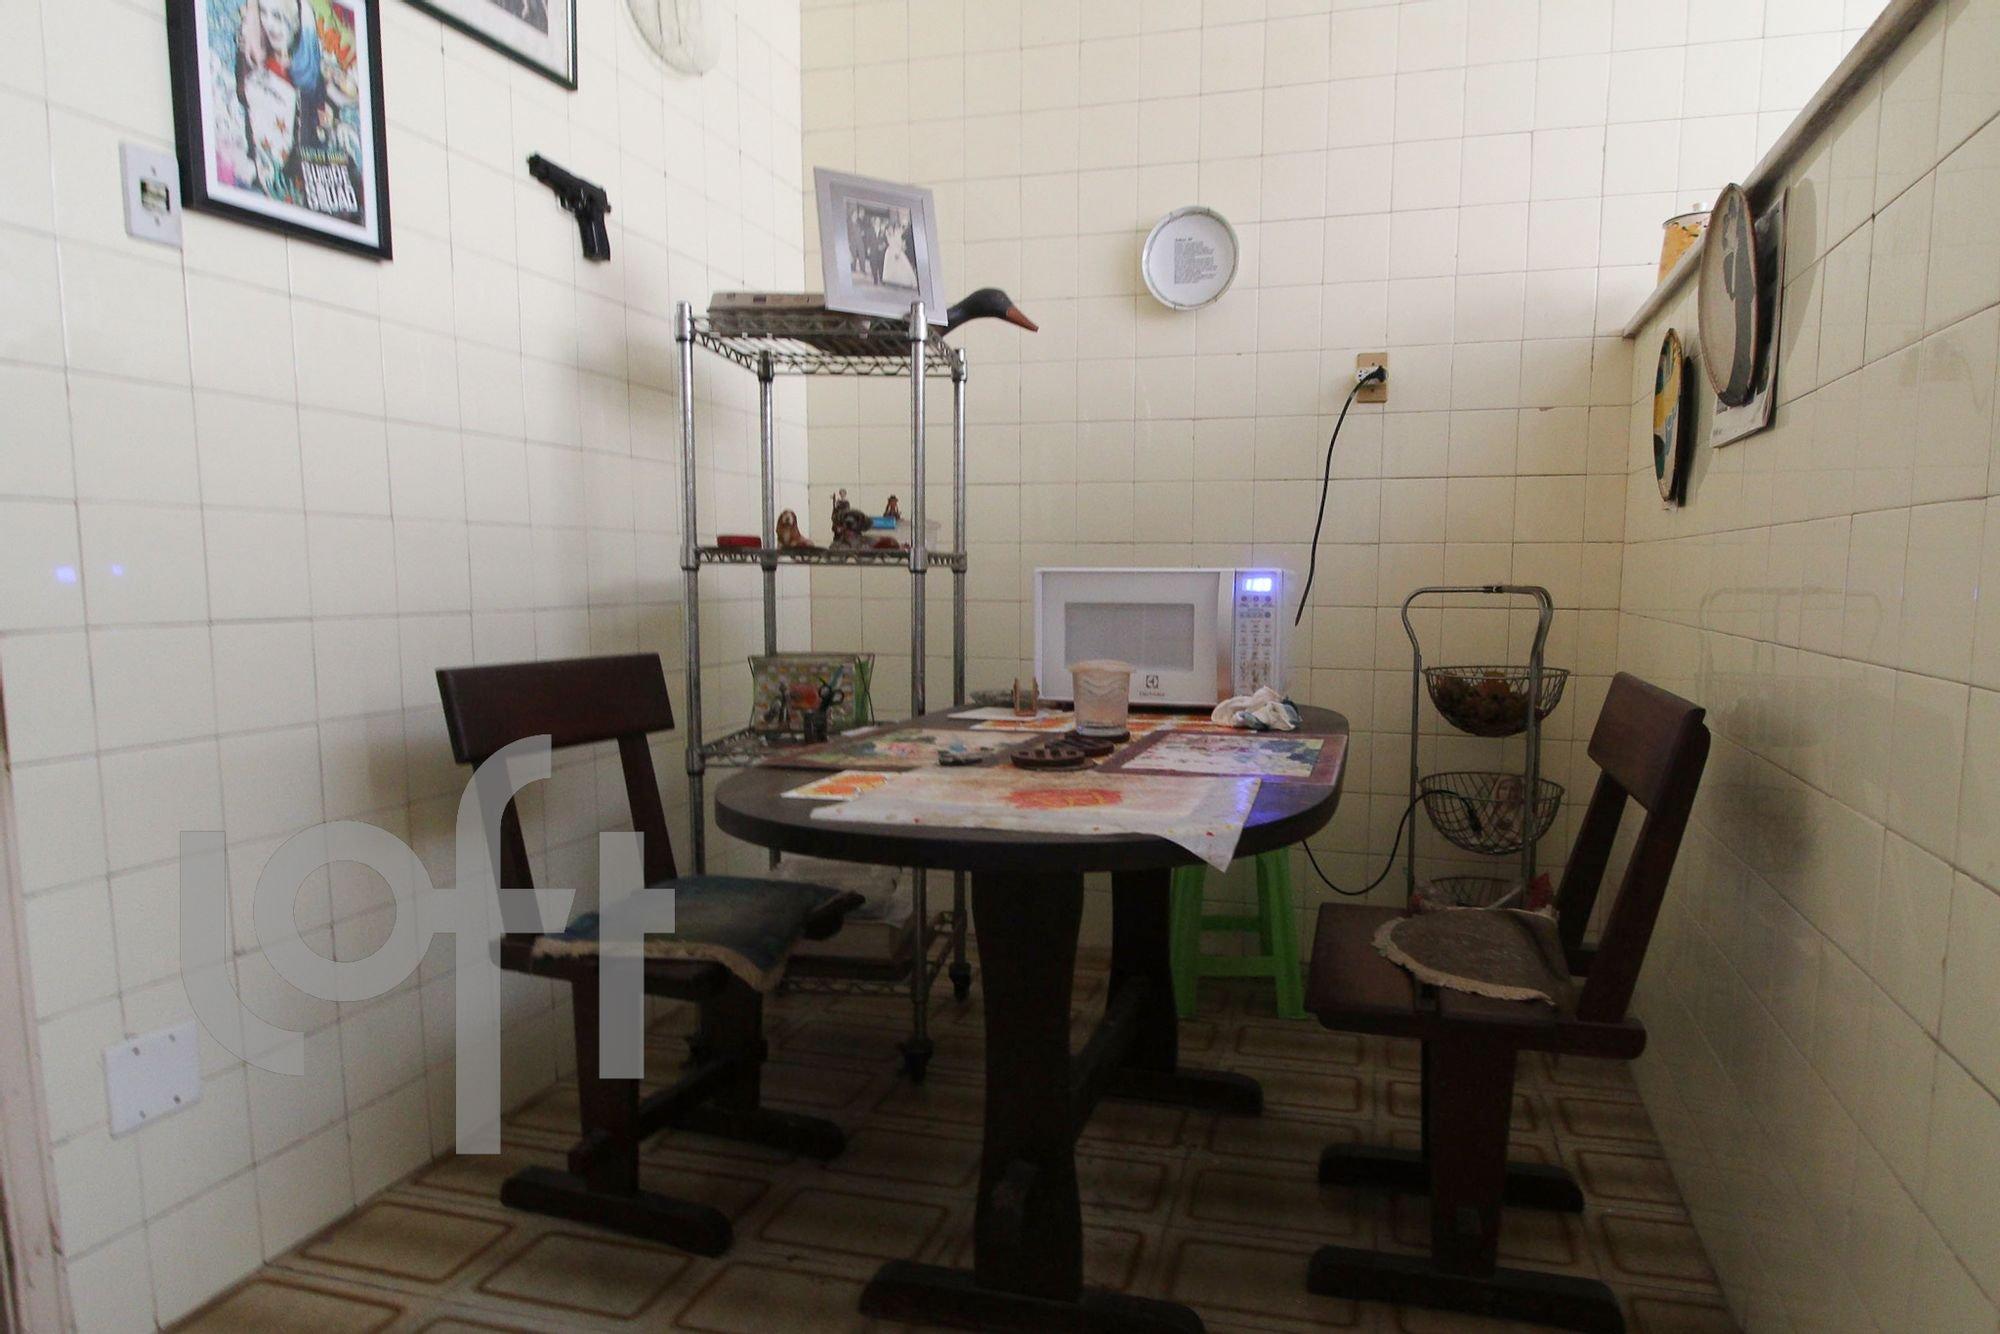 Foto de Lavanderia com televisão, cadeira, mesa de jantar, xícara